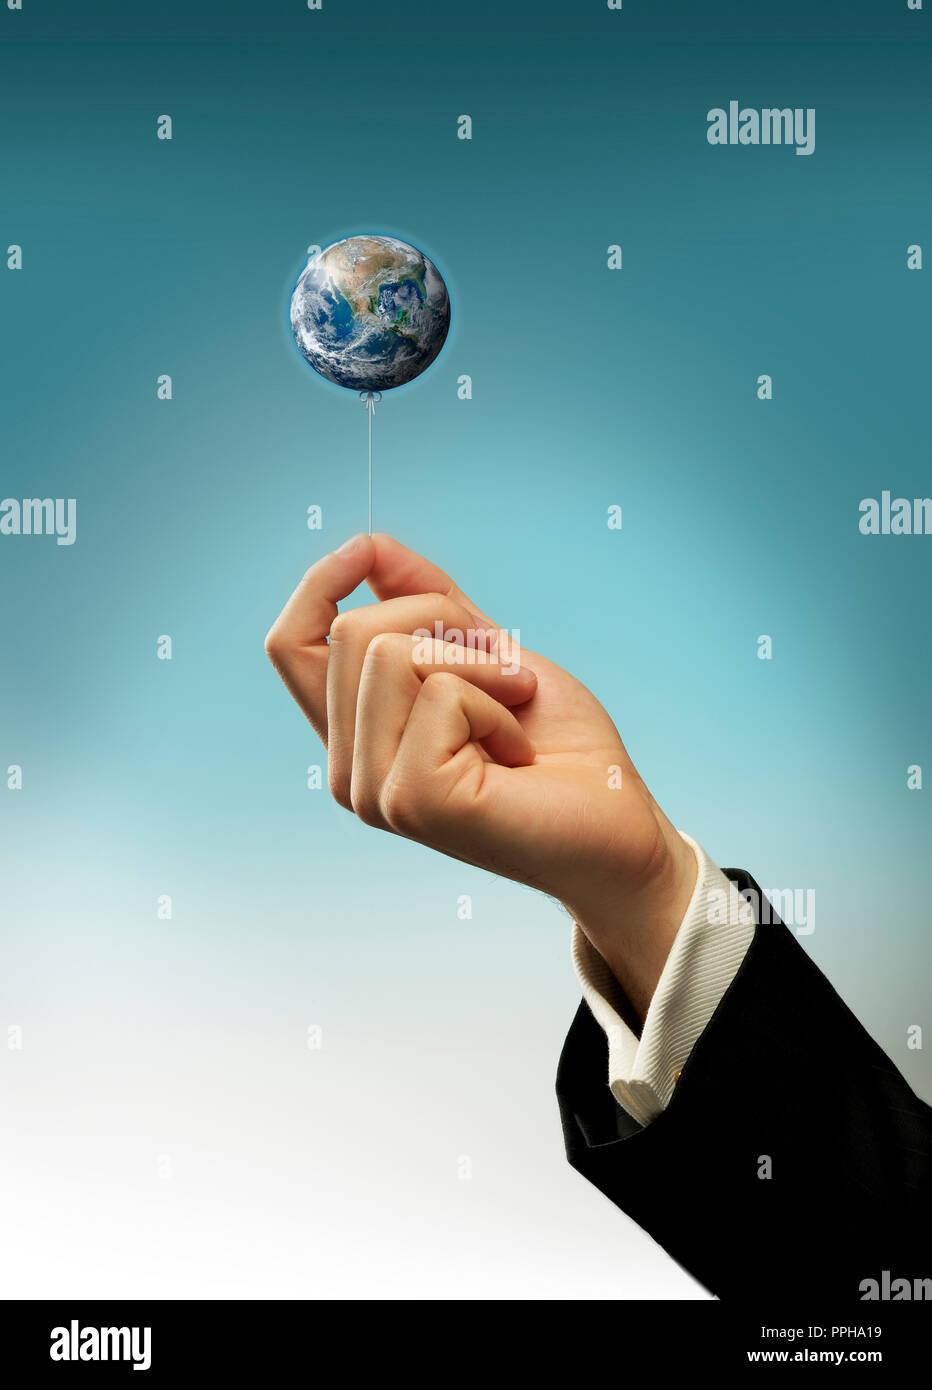 Konzept Hand eines Business Mann hält eine Zeichenkette der Erde Ballon Stockbild